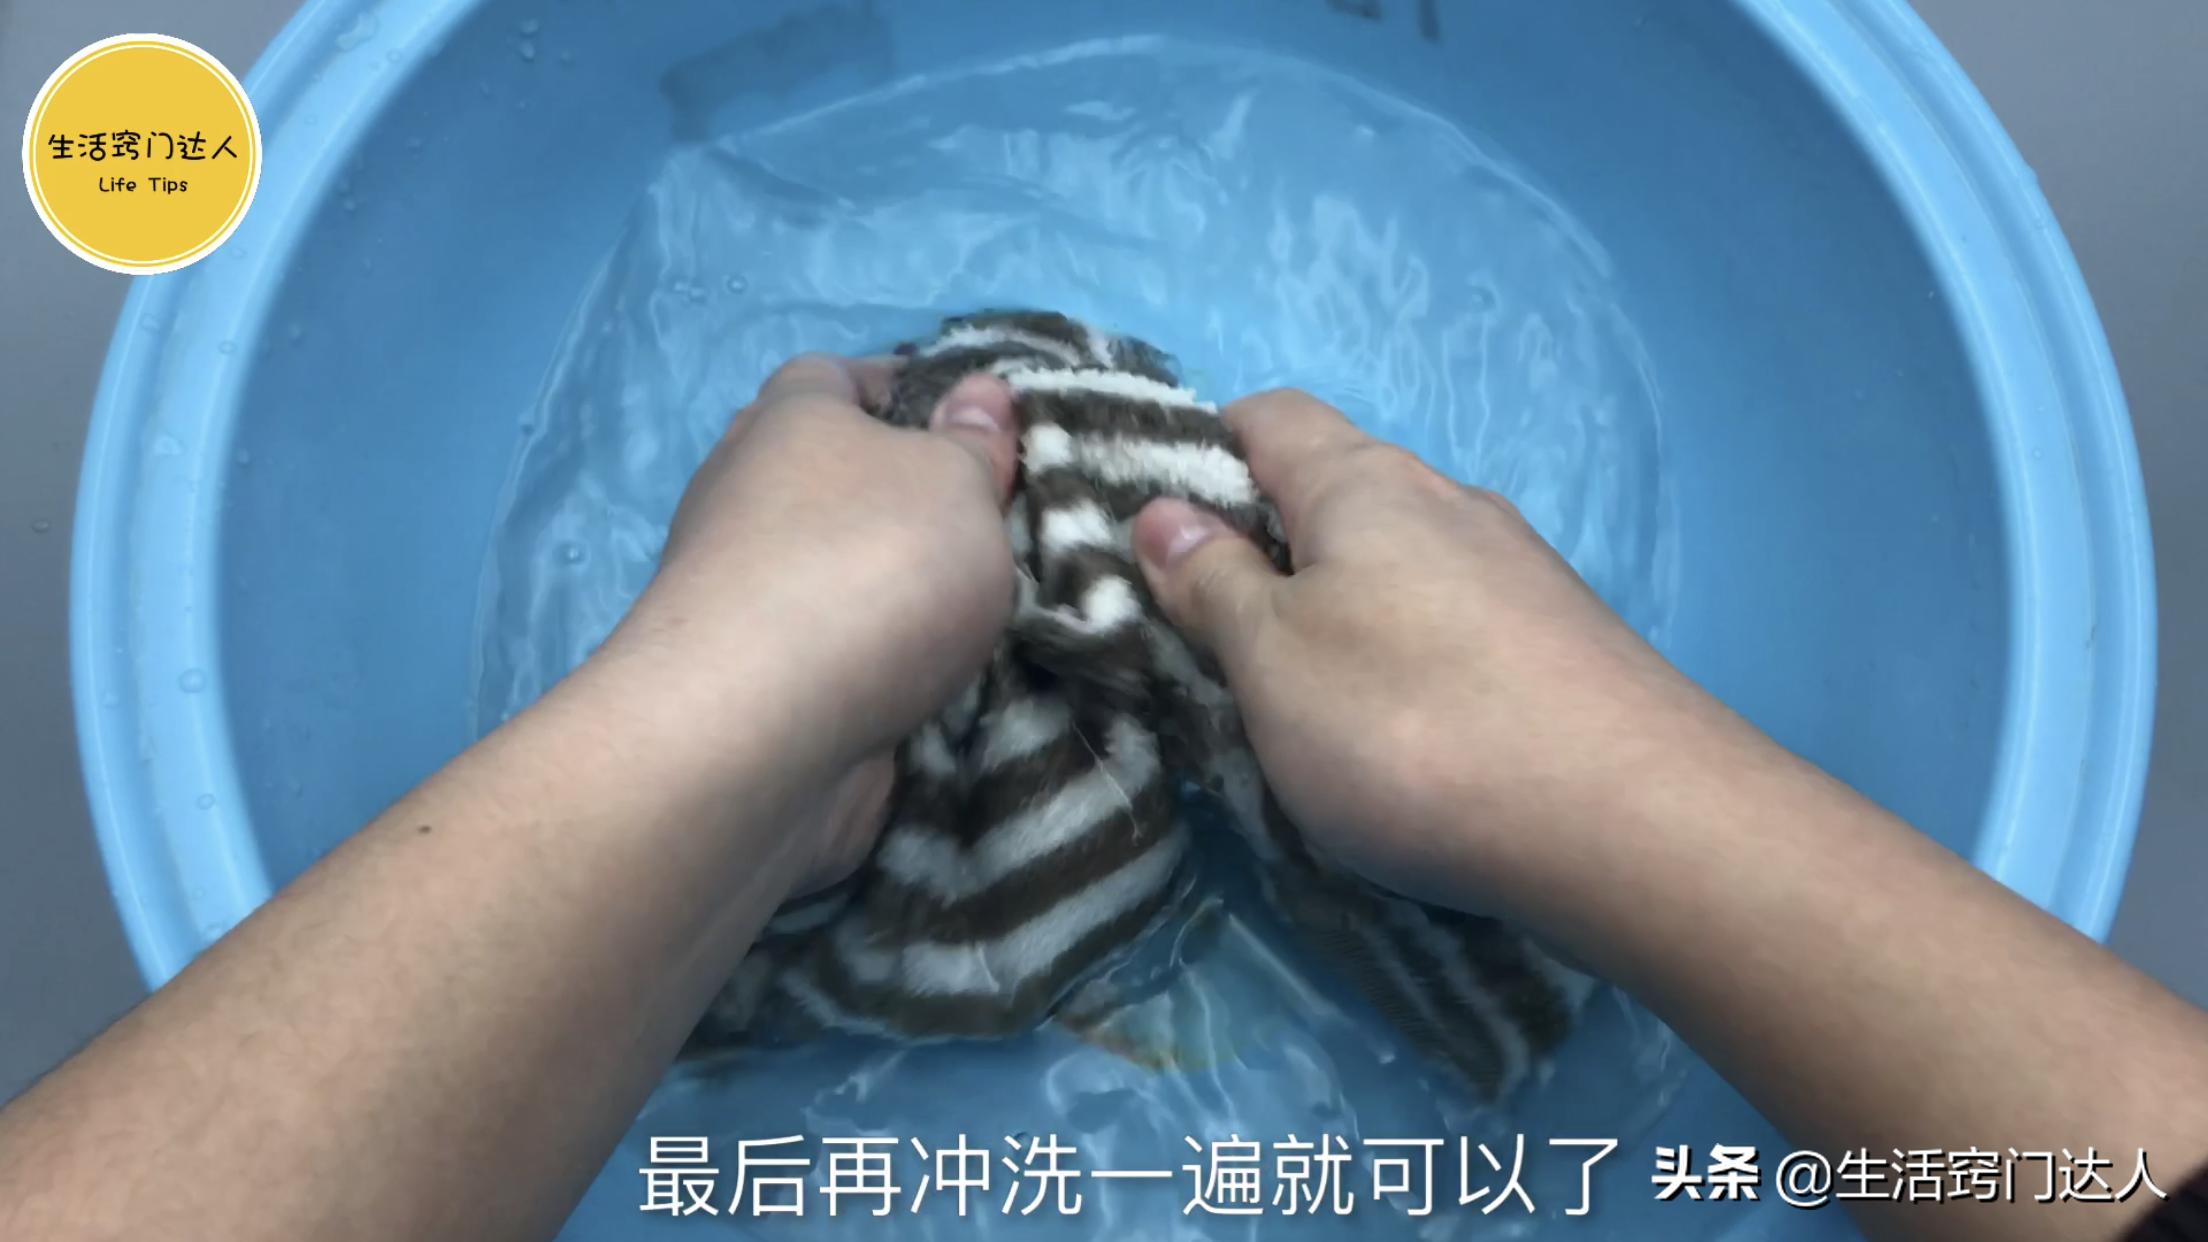 这是我见过洗毛巾最正确方法,简单又方便,多脏的毛巾也能洗干净 清洗毛巾 第9张